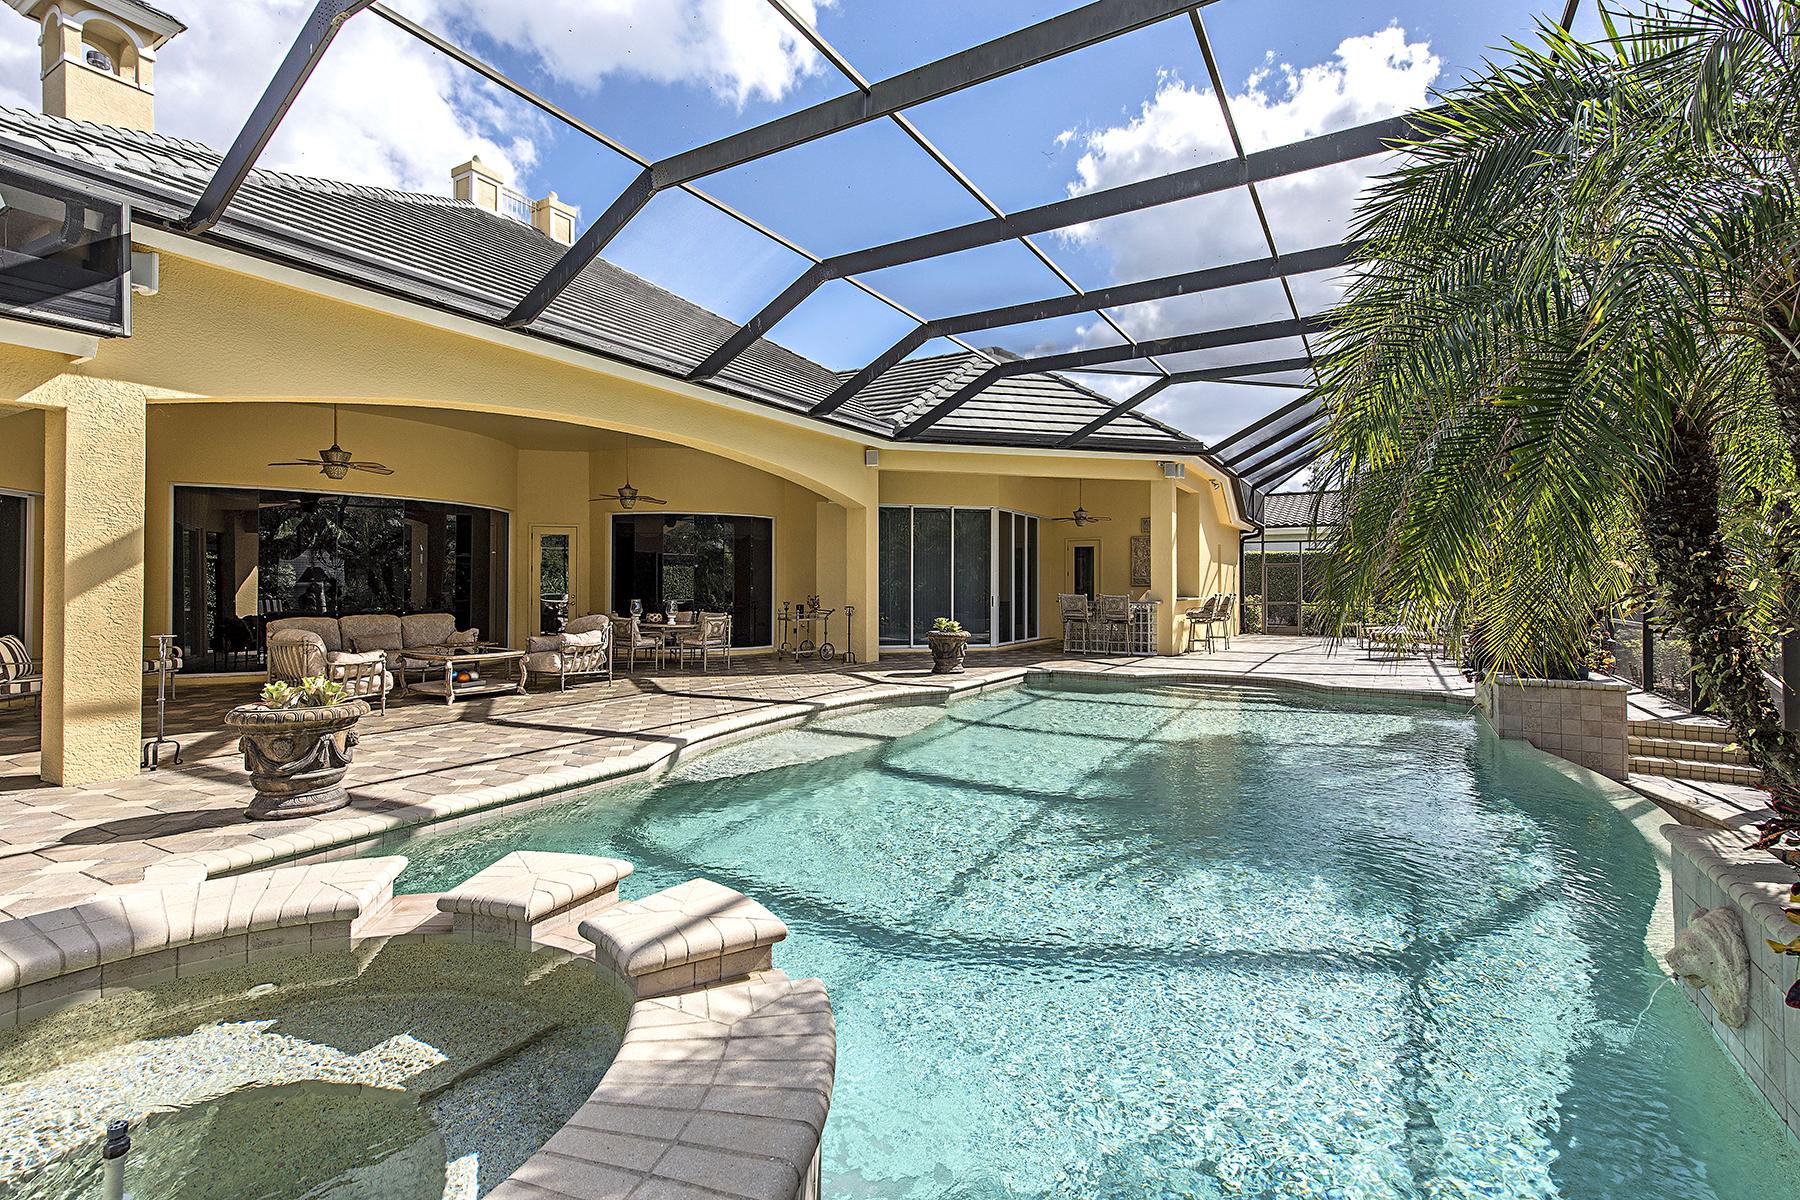 Casa Unifamiliar por un Venta en PELICAN MARSH - BAY LAUREL ESTATES 8707 Purslane Dr Naples, Florida, 34109 Estados Unidos